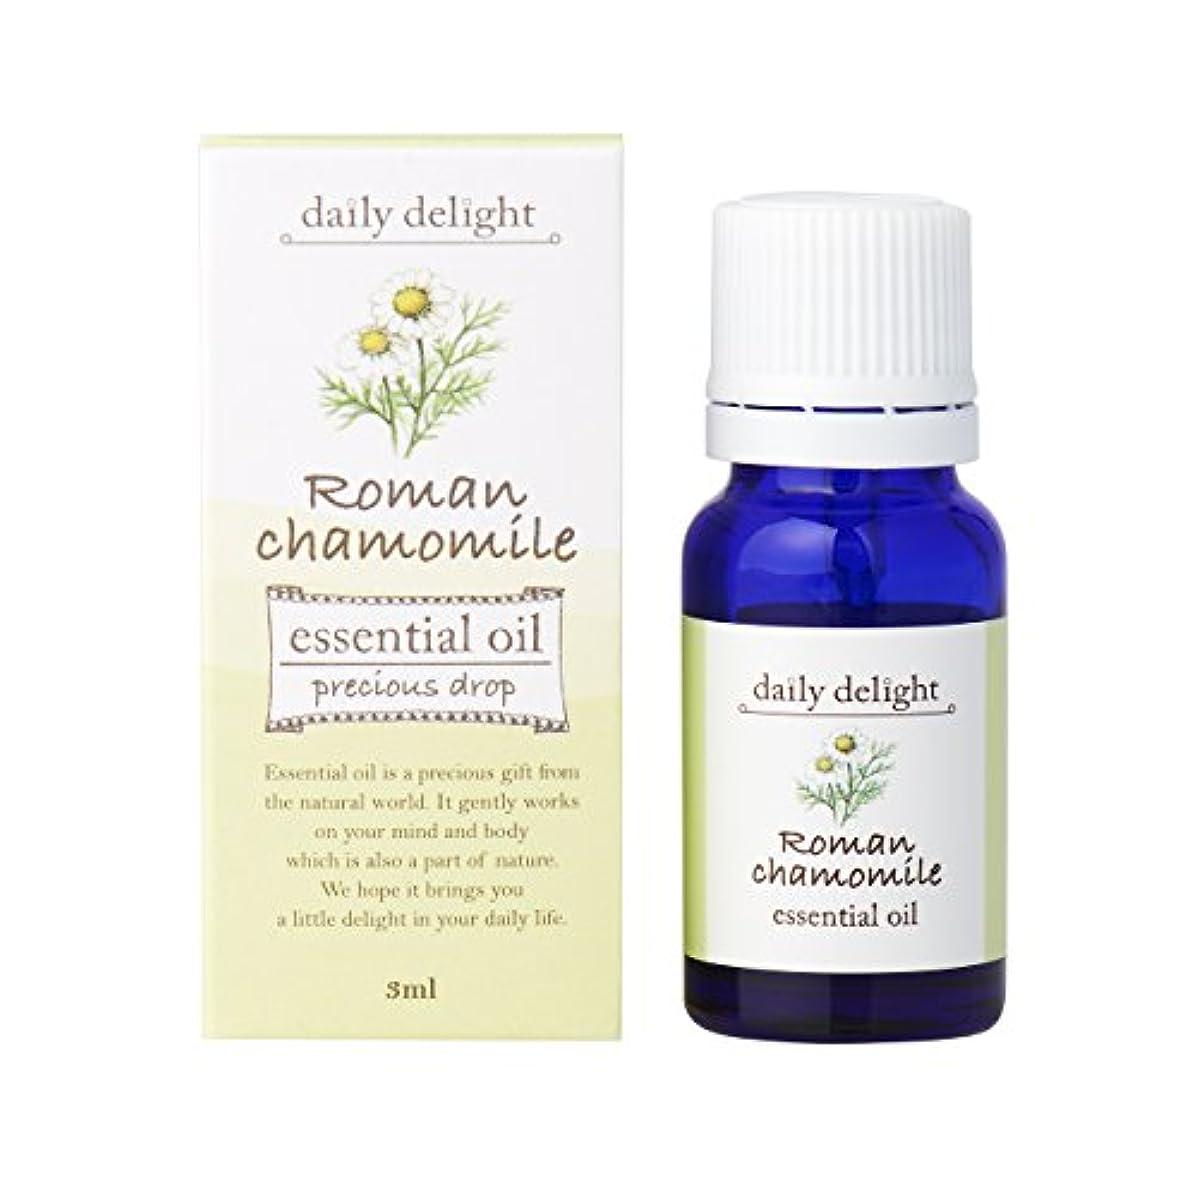 たくさん高度な極めてデイリーディライト エッセンシャルオイル ローマンカモミール 3ml(天然100% 精油 アロマ フローラル系 青リンゴに似た香り)